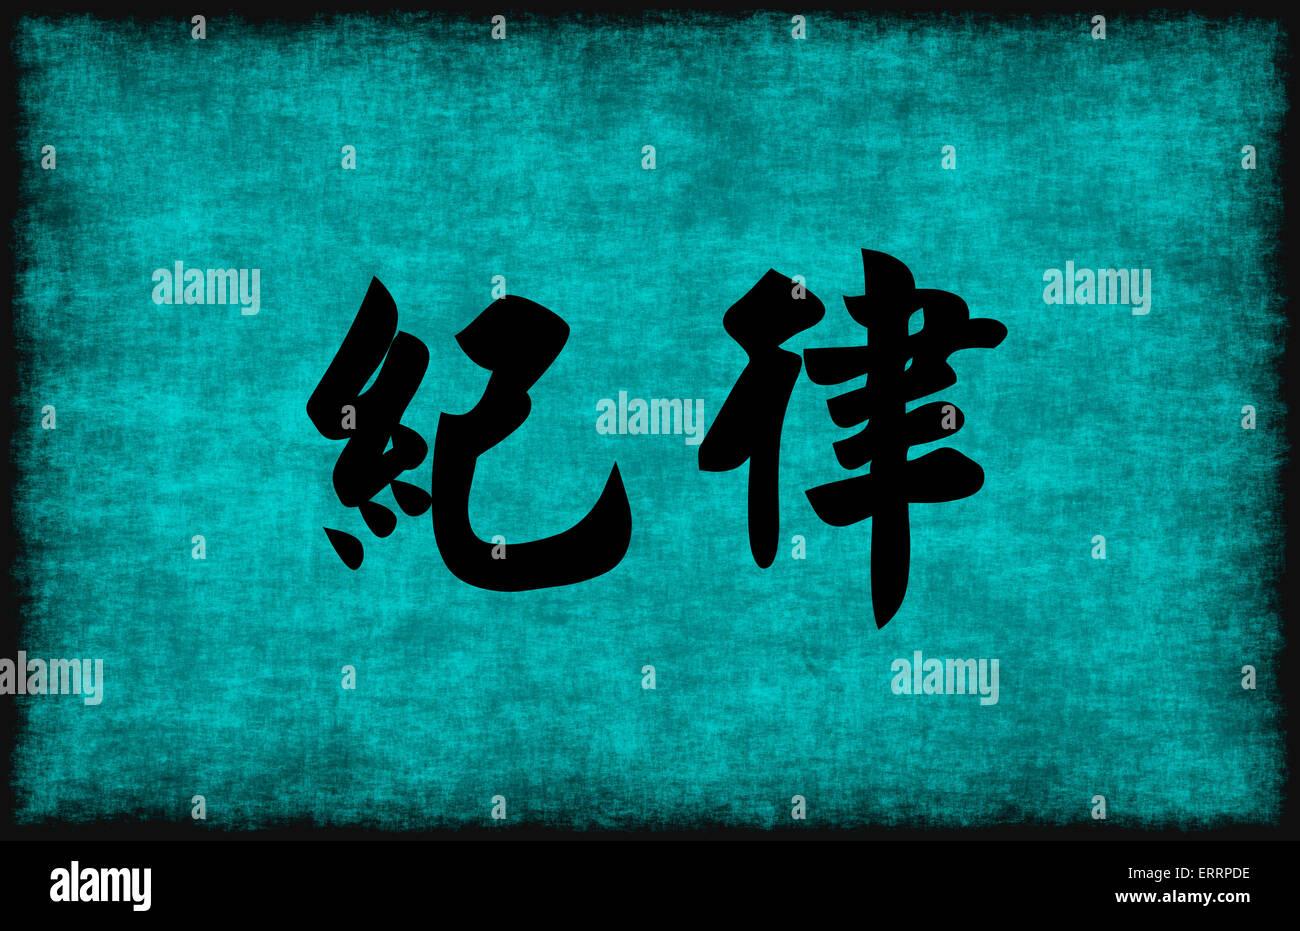 Chinesische Schriftzeichen Malerei für Disziplin in blau als Konzept Stockbild